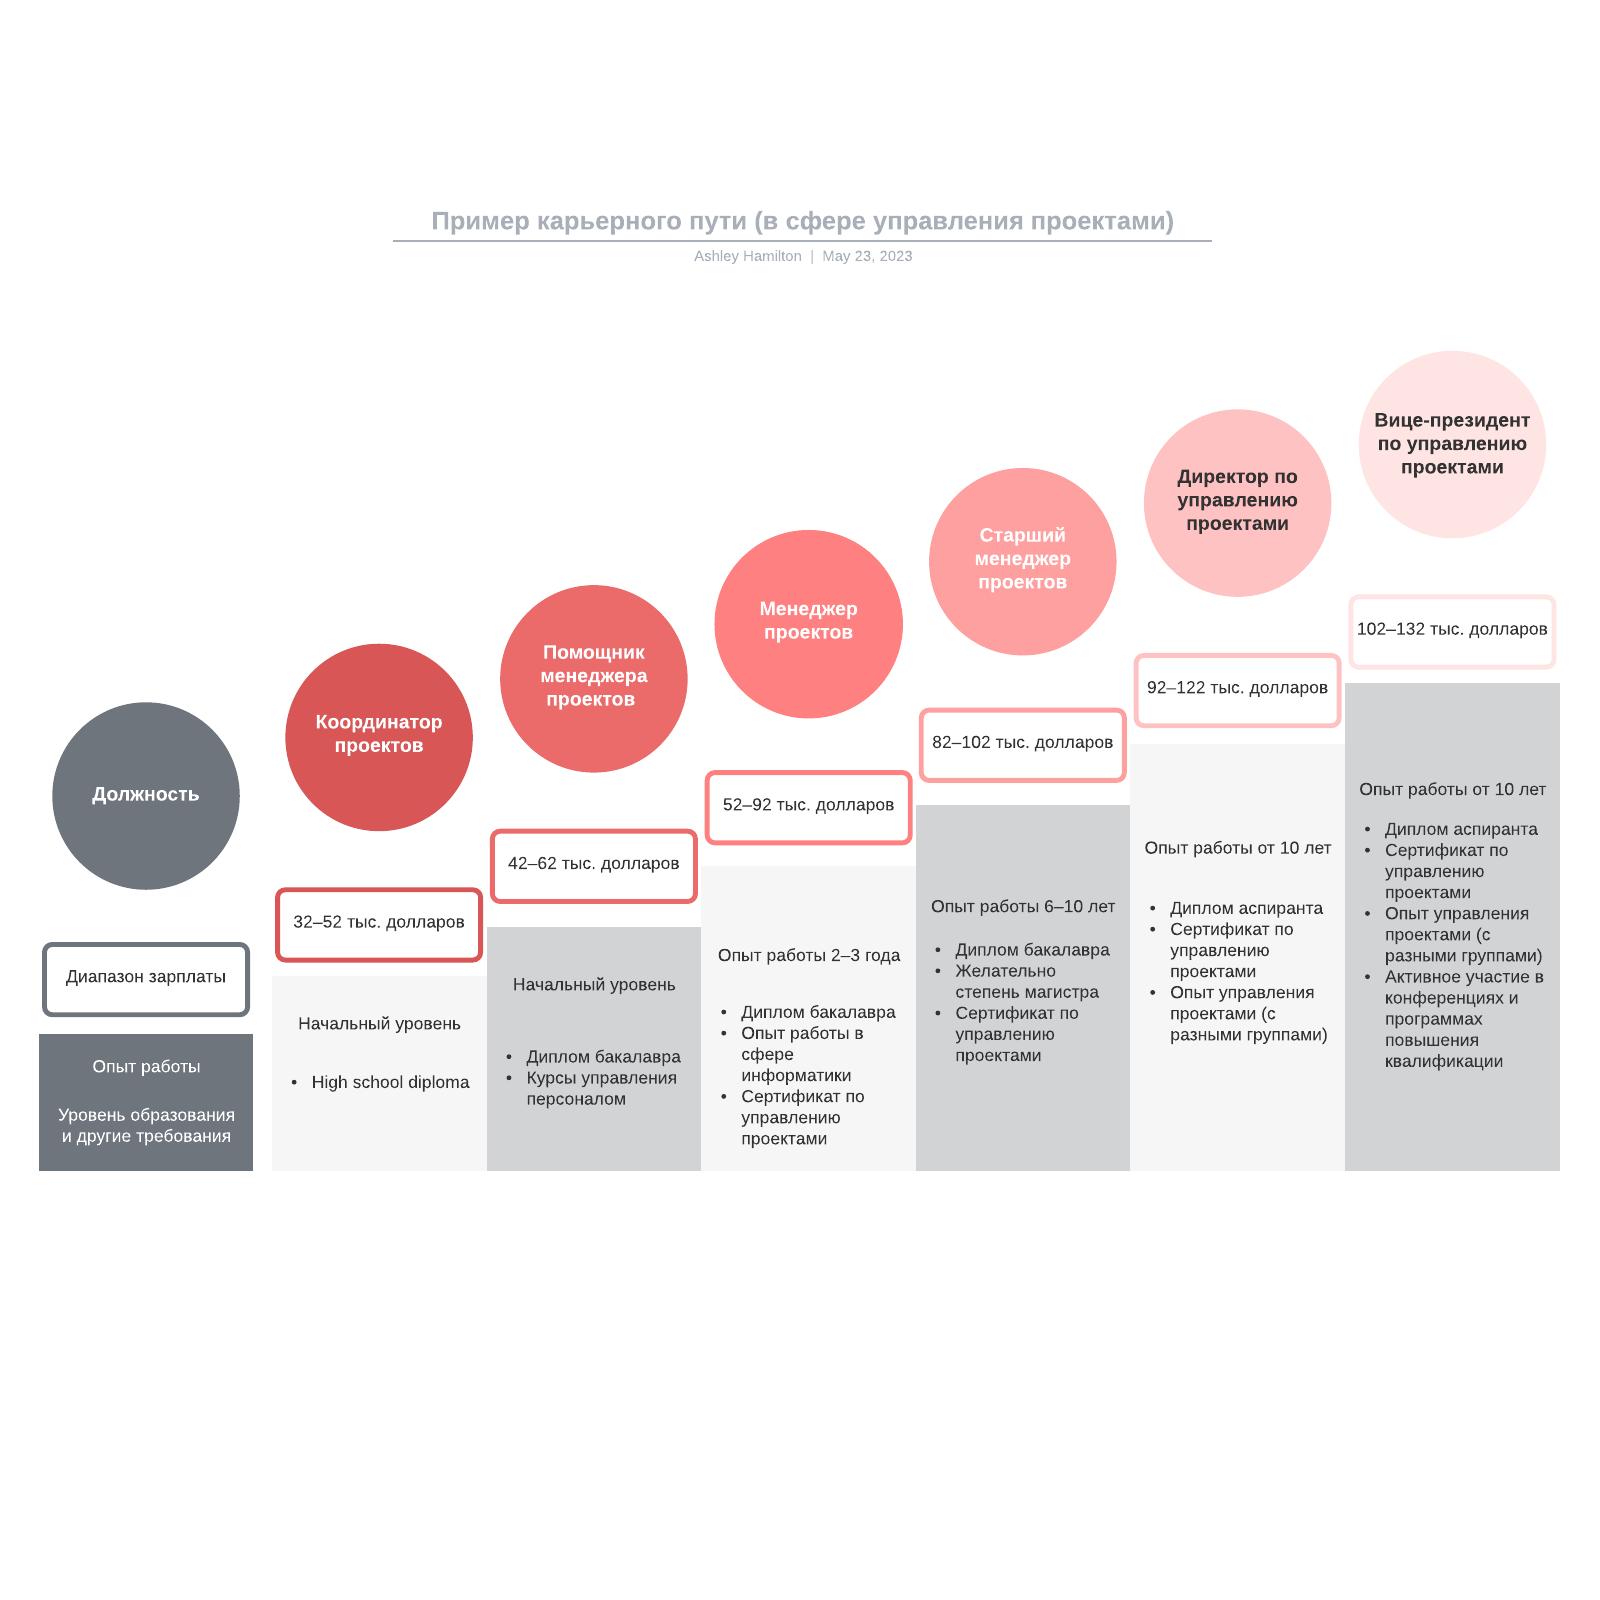 Пример карьерного пути (в сфере управления проектами)